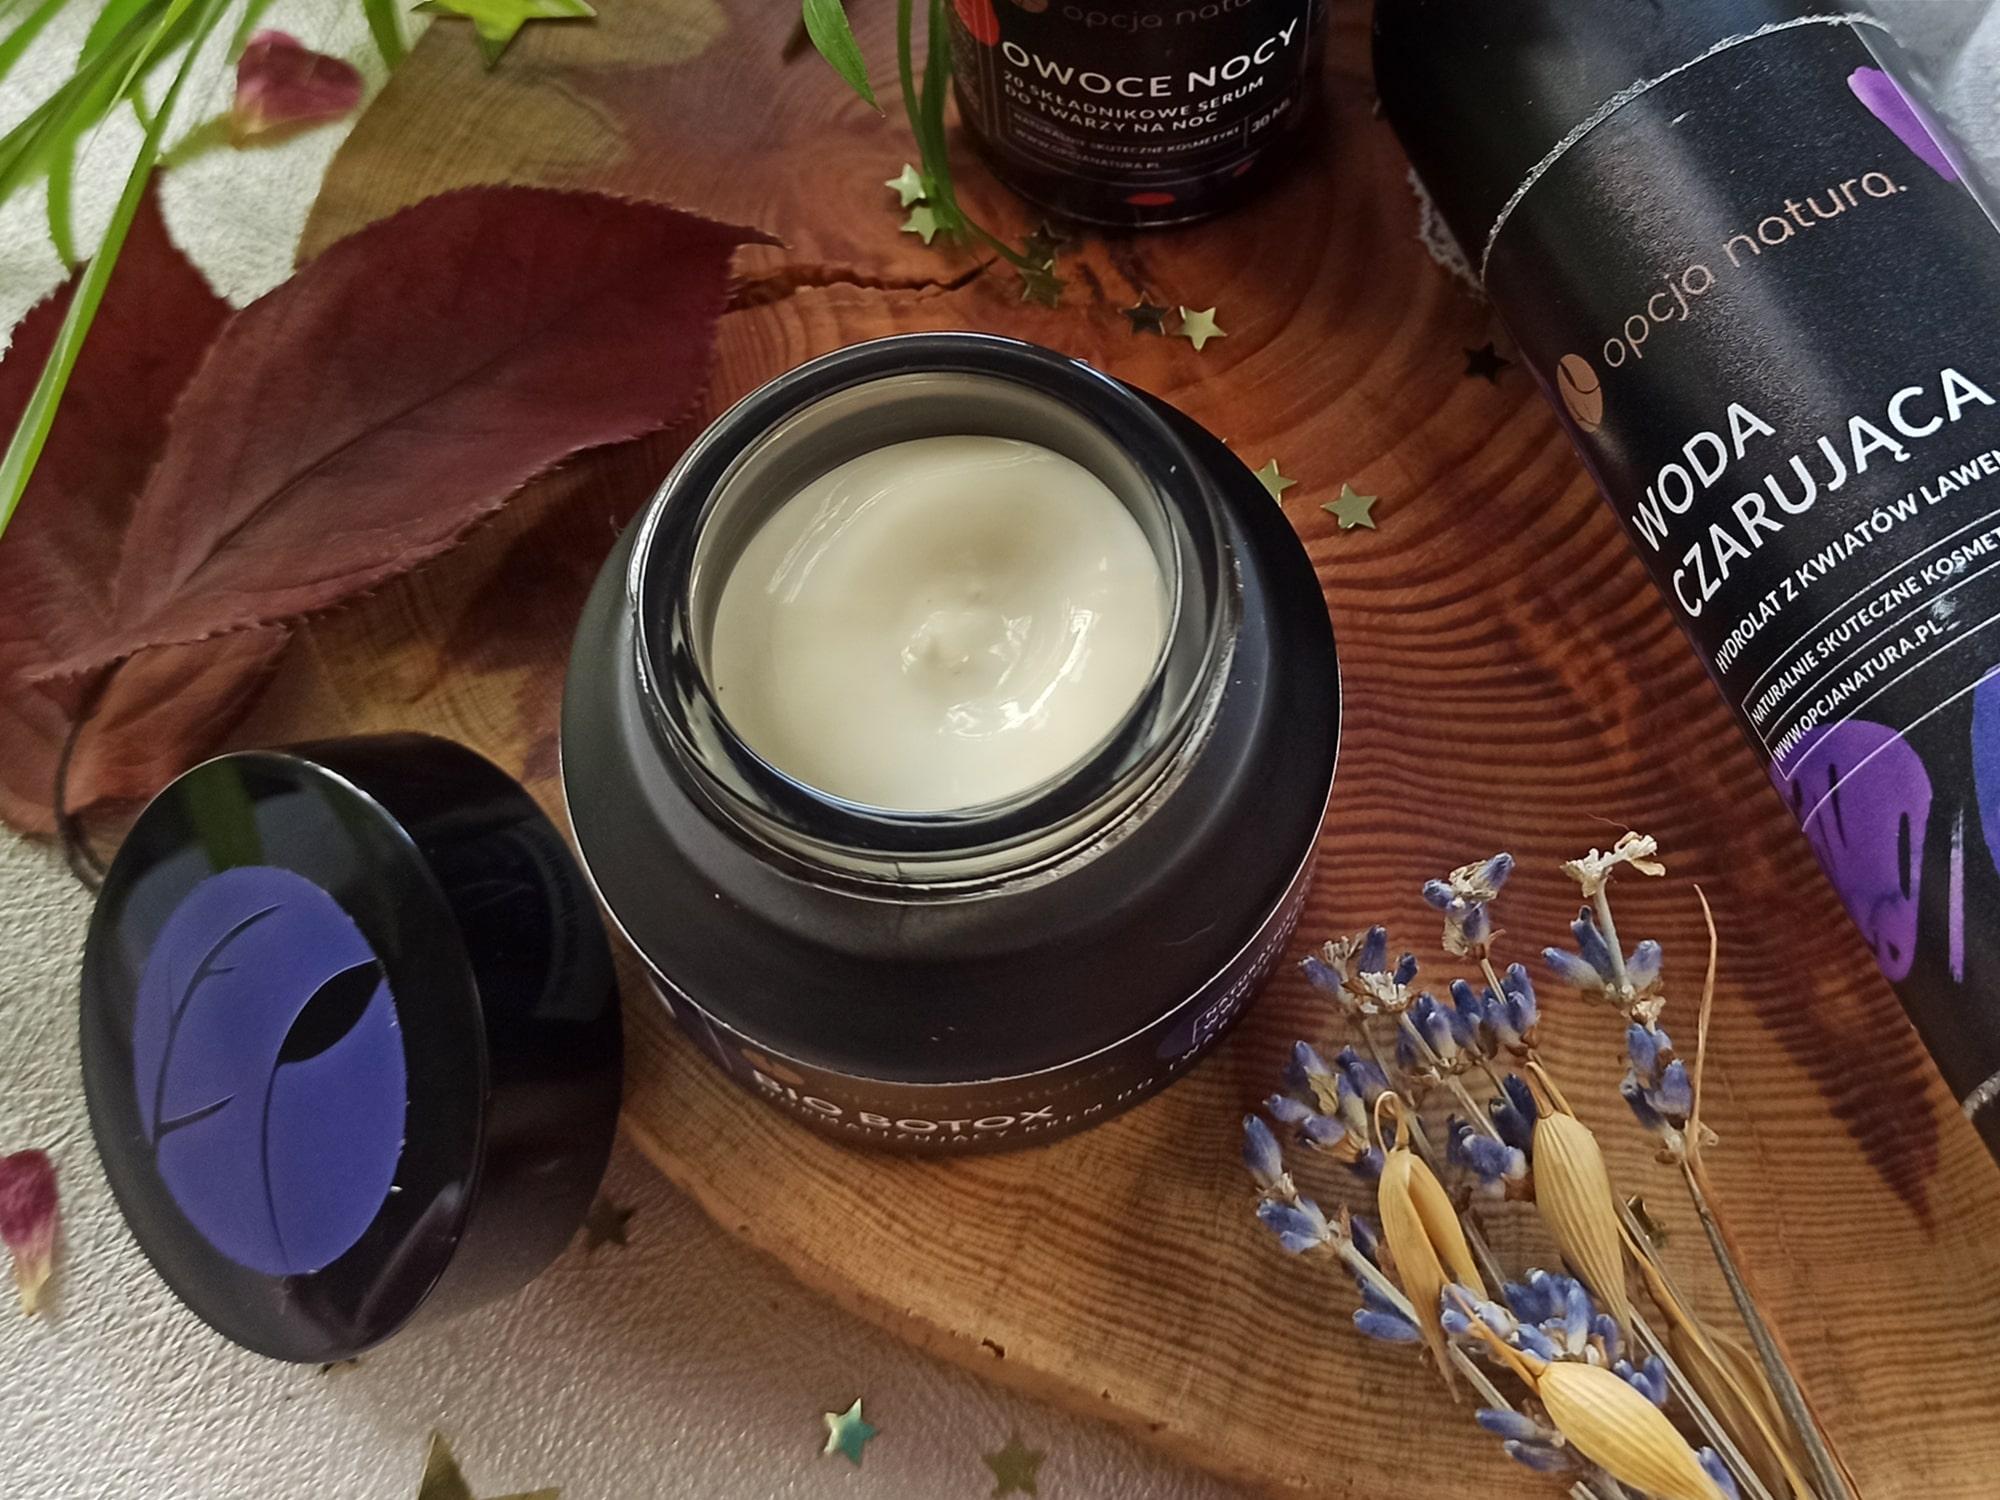 krem-opcja-natura-polskie-kosmetyki